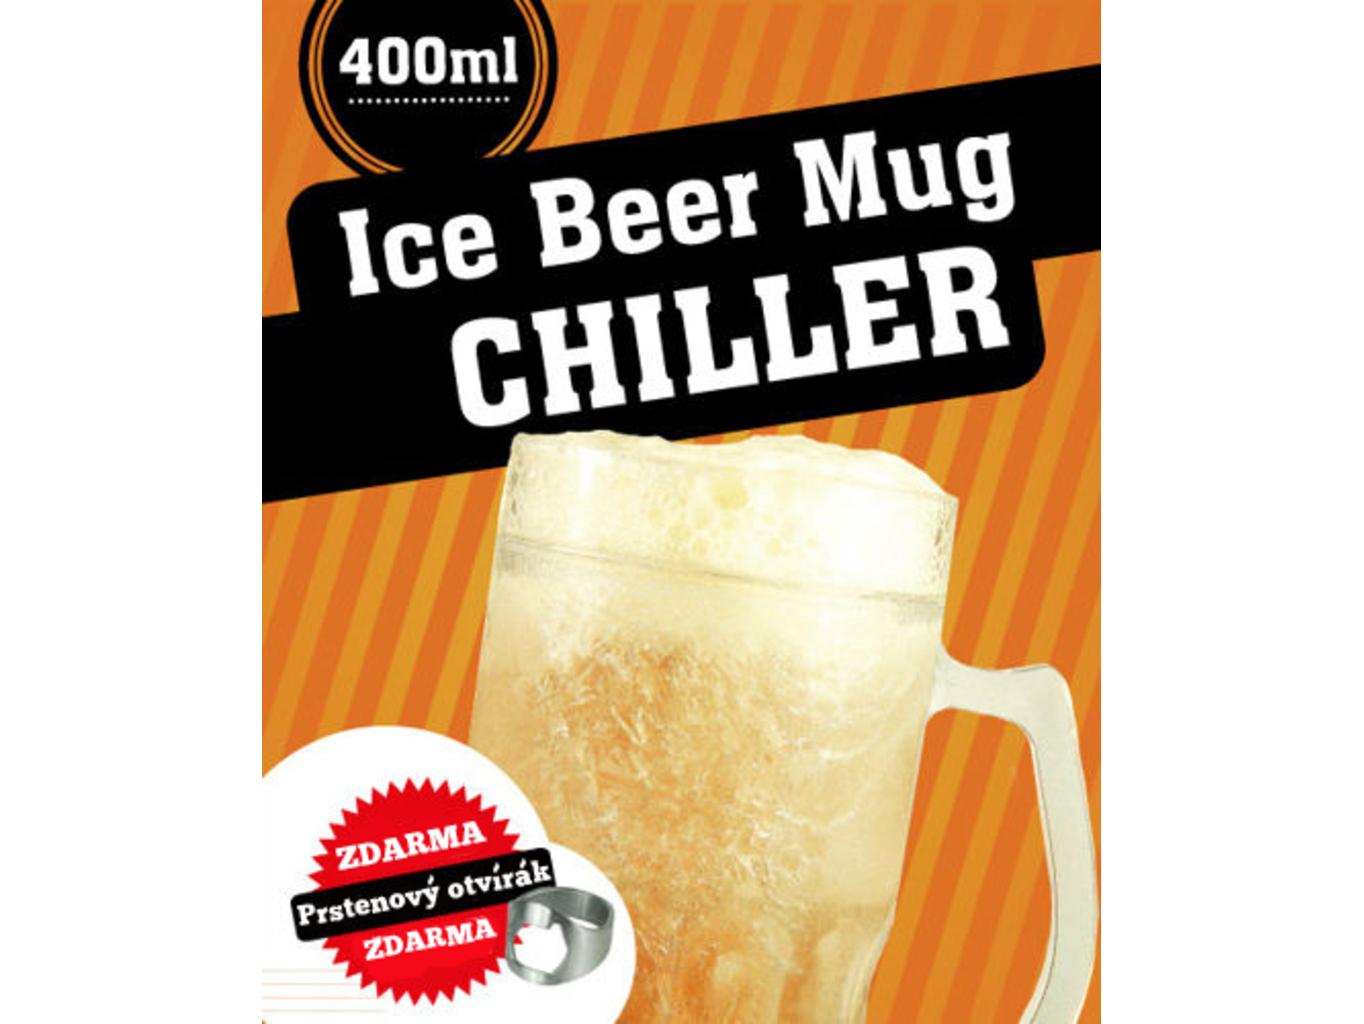 Samochladící půllitr Chiller 400 ml + zdarma otvírák